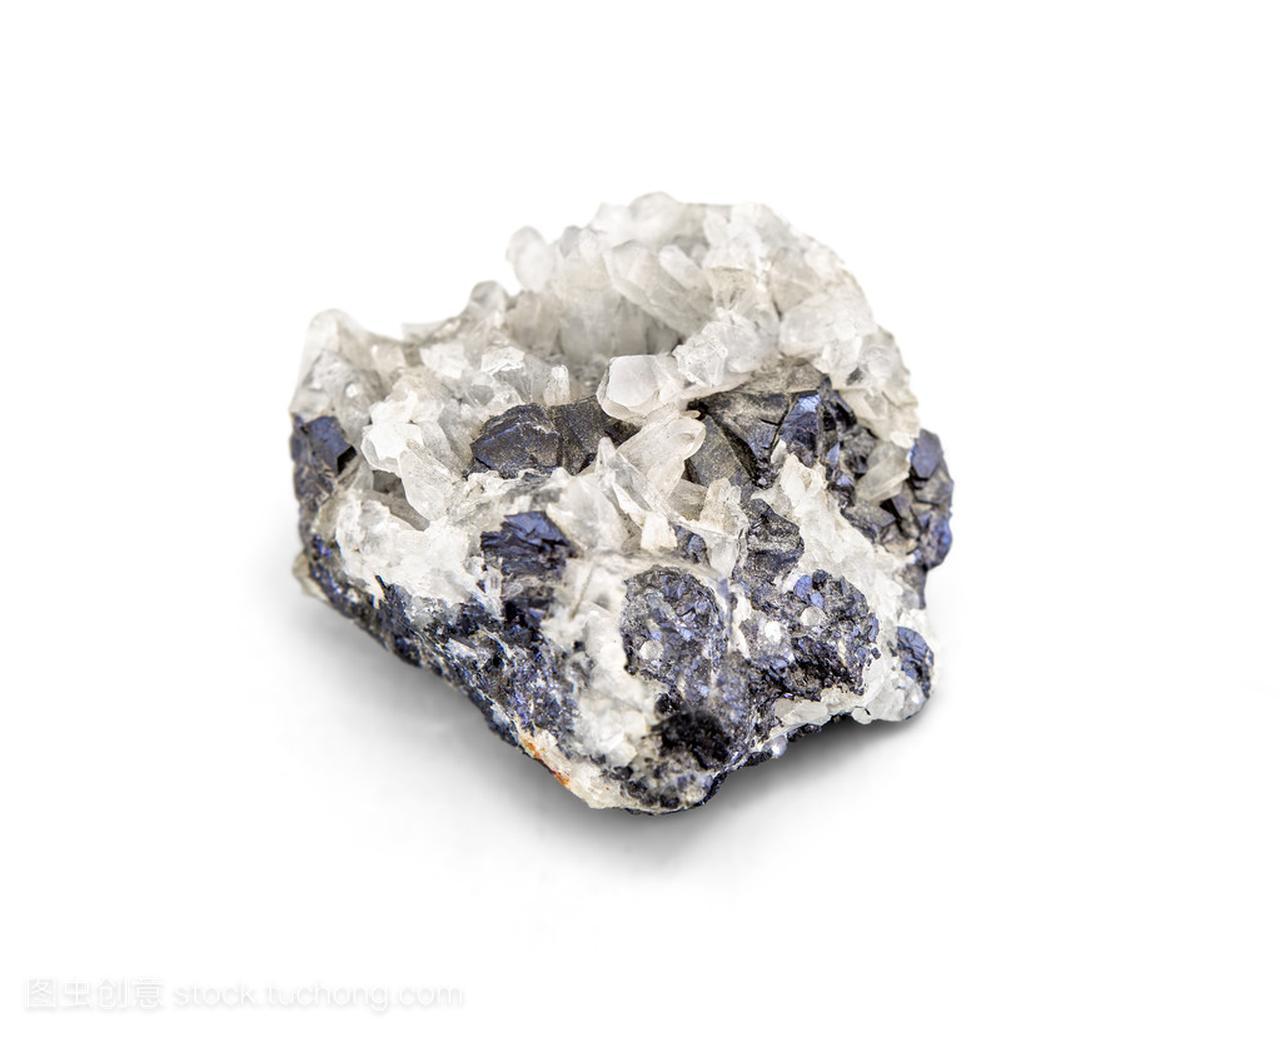 恒指早盘动摇收涨092%金属矿物板块领涨